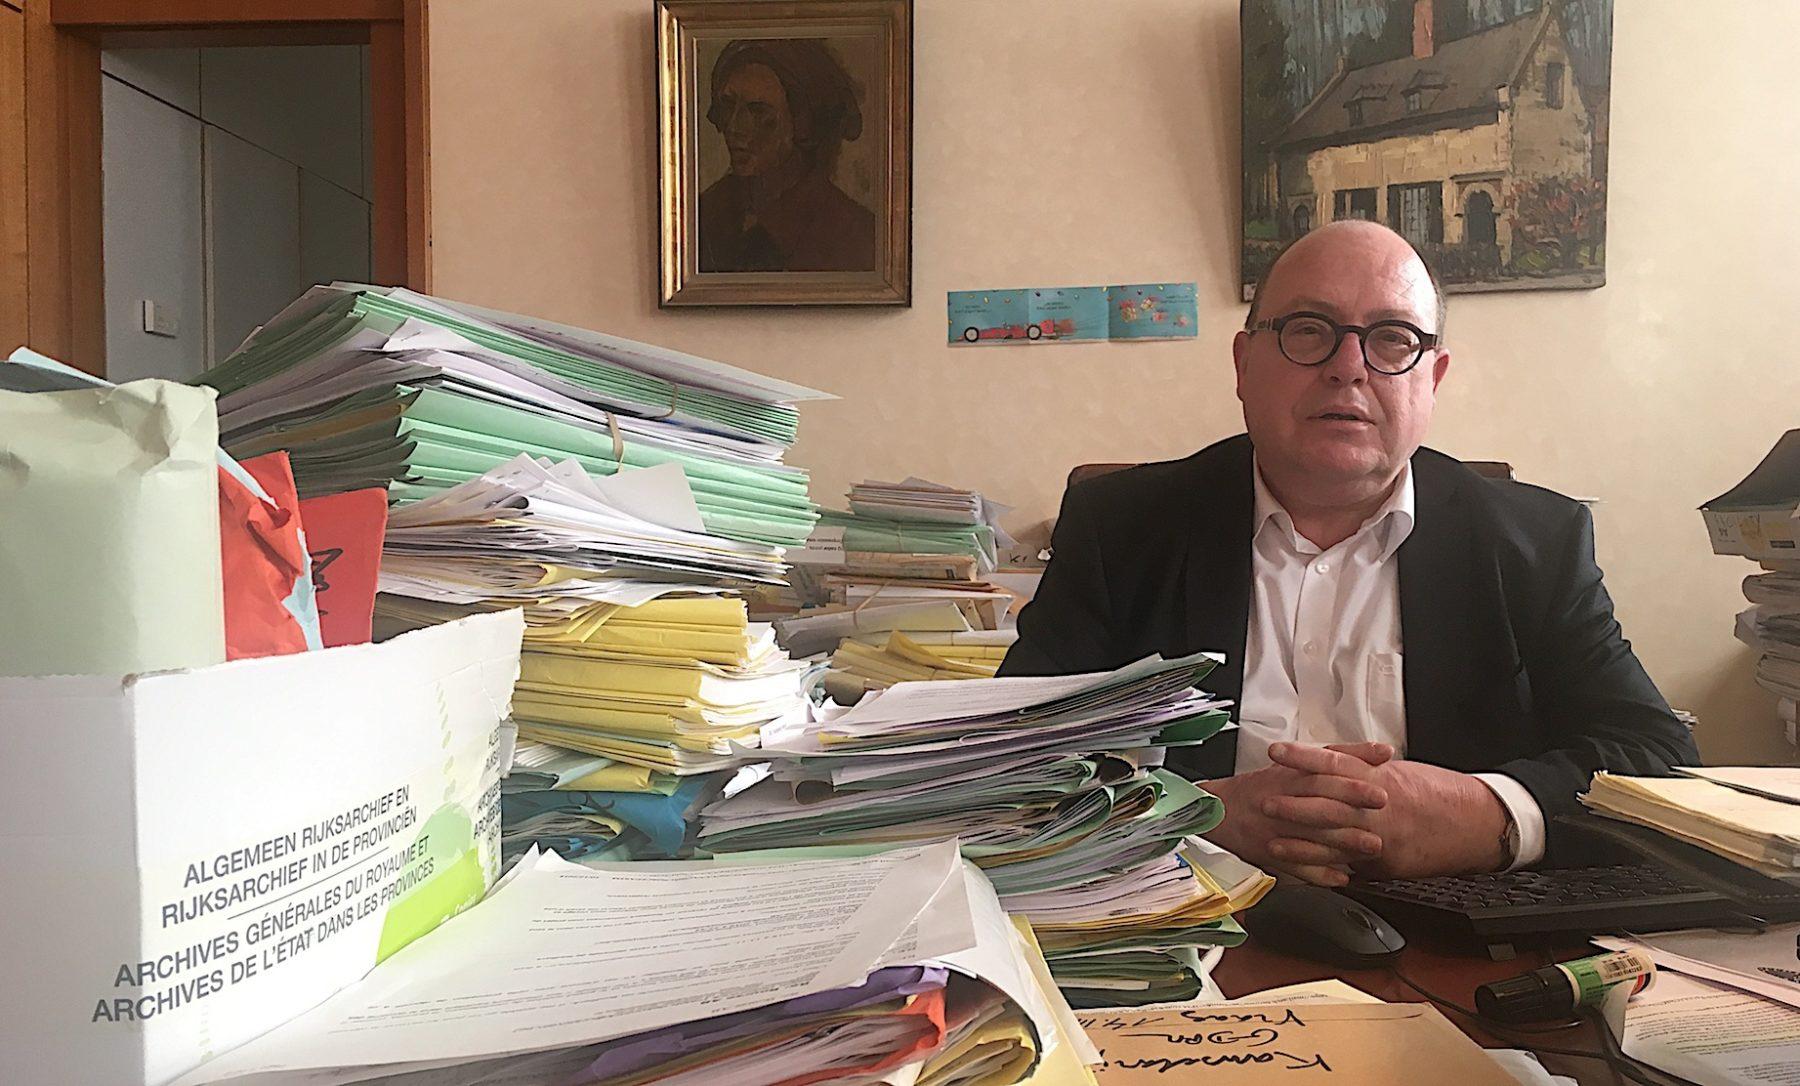 Karel Velle, Archiviste général du royaume.